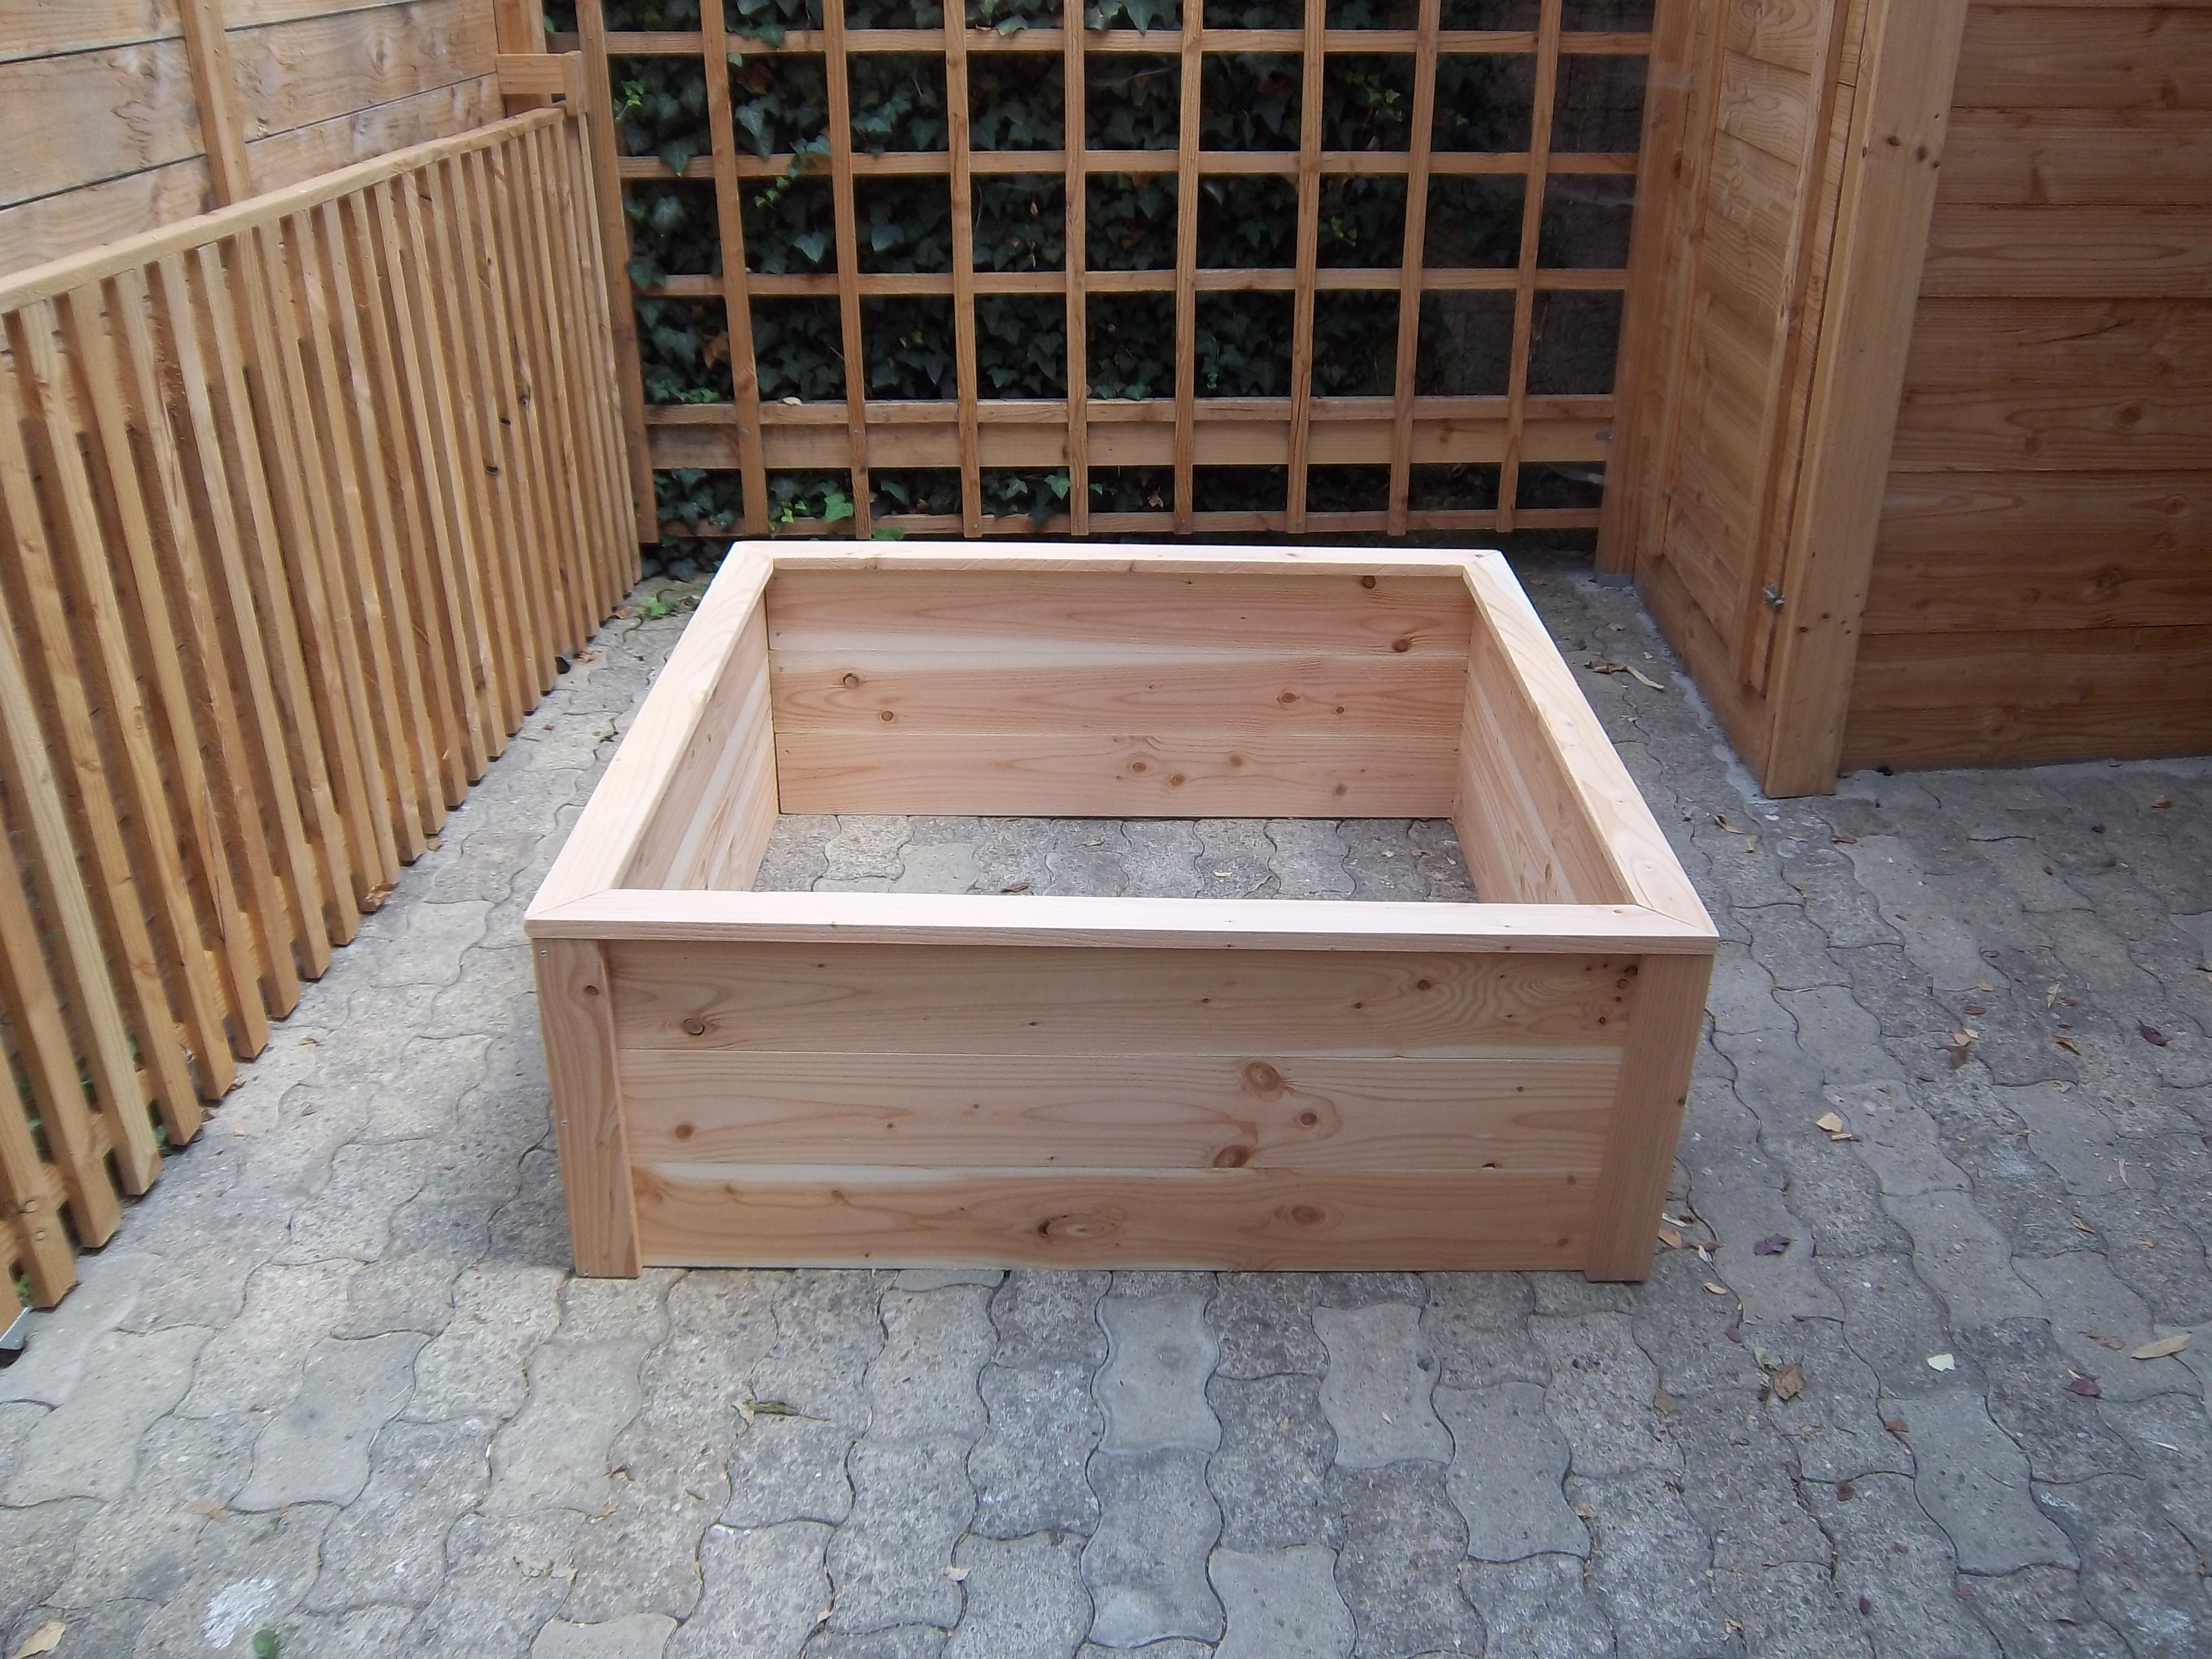 Fabriquer Potager Carré En Bois bac potager carré h.45cm 120x120 en bois - nouvelle gamme, montage par vis